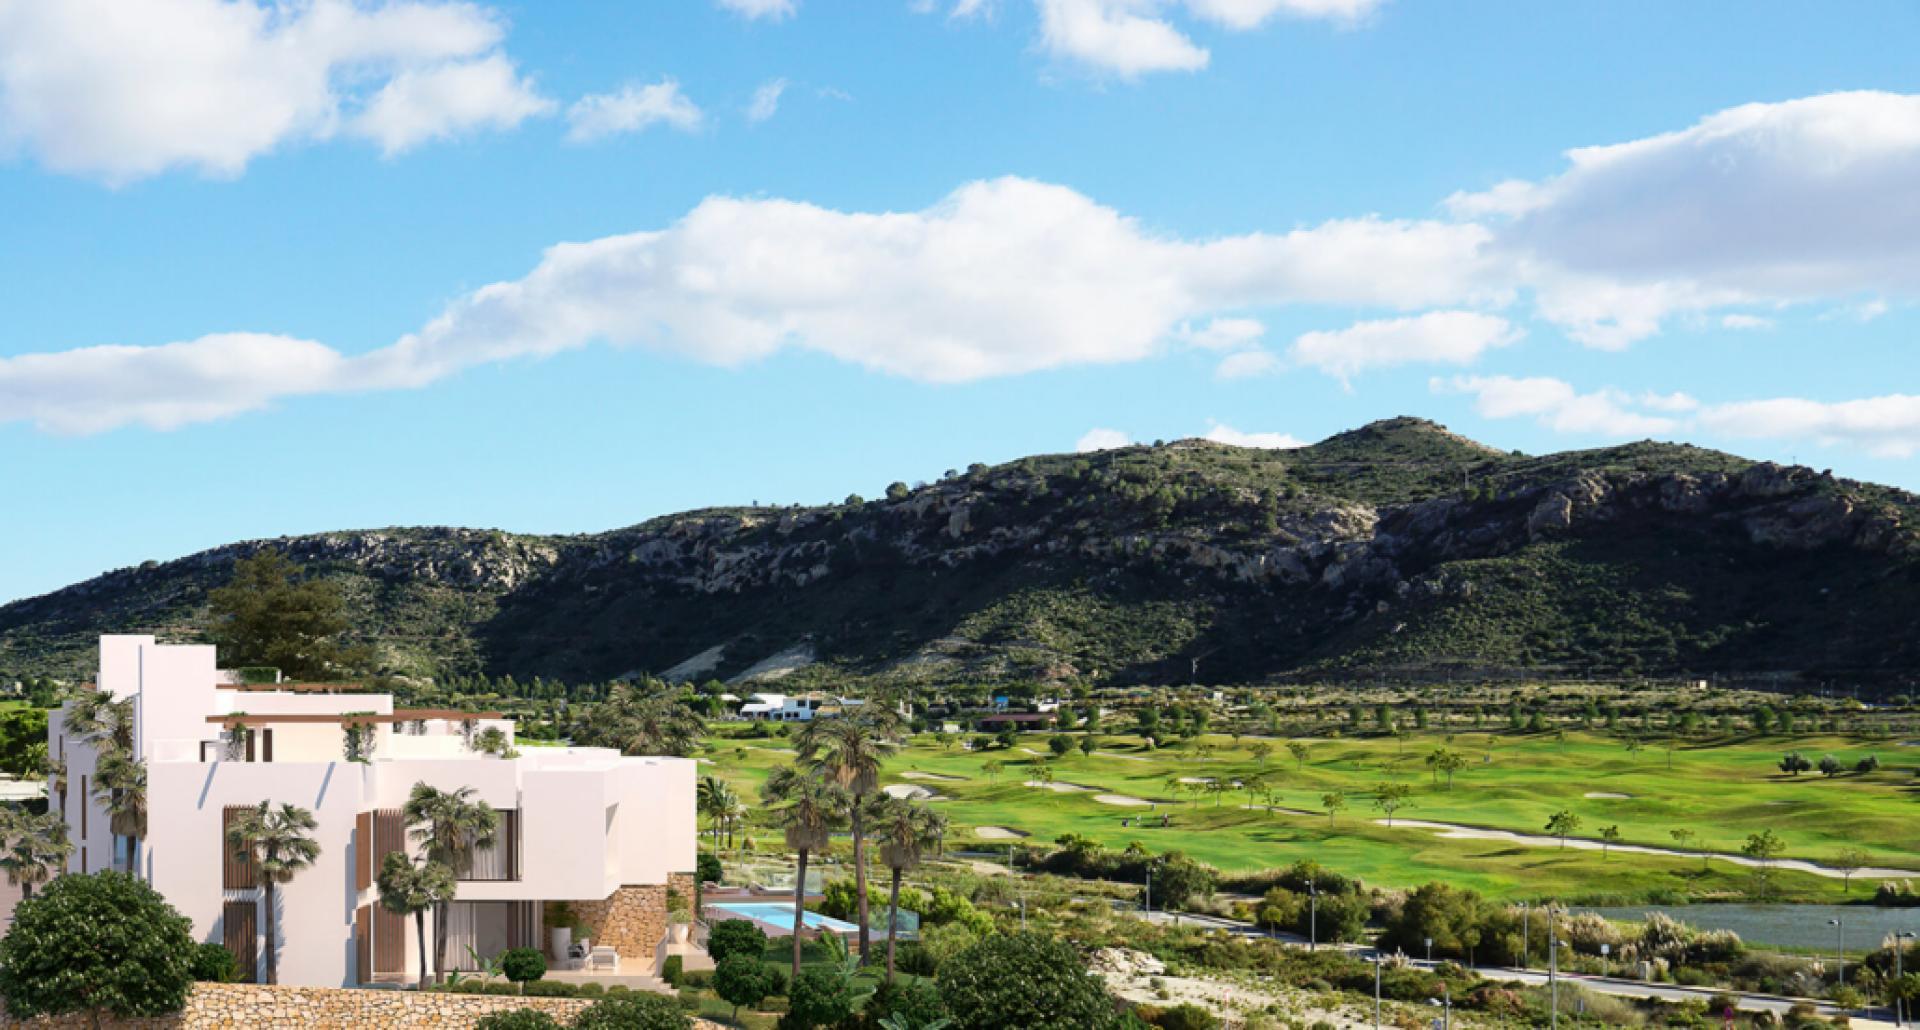 Annapurna - Font de llop golf - Aspe (Alicante)